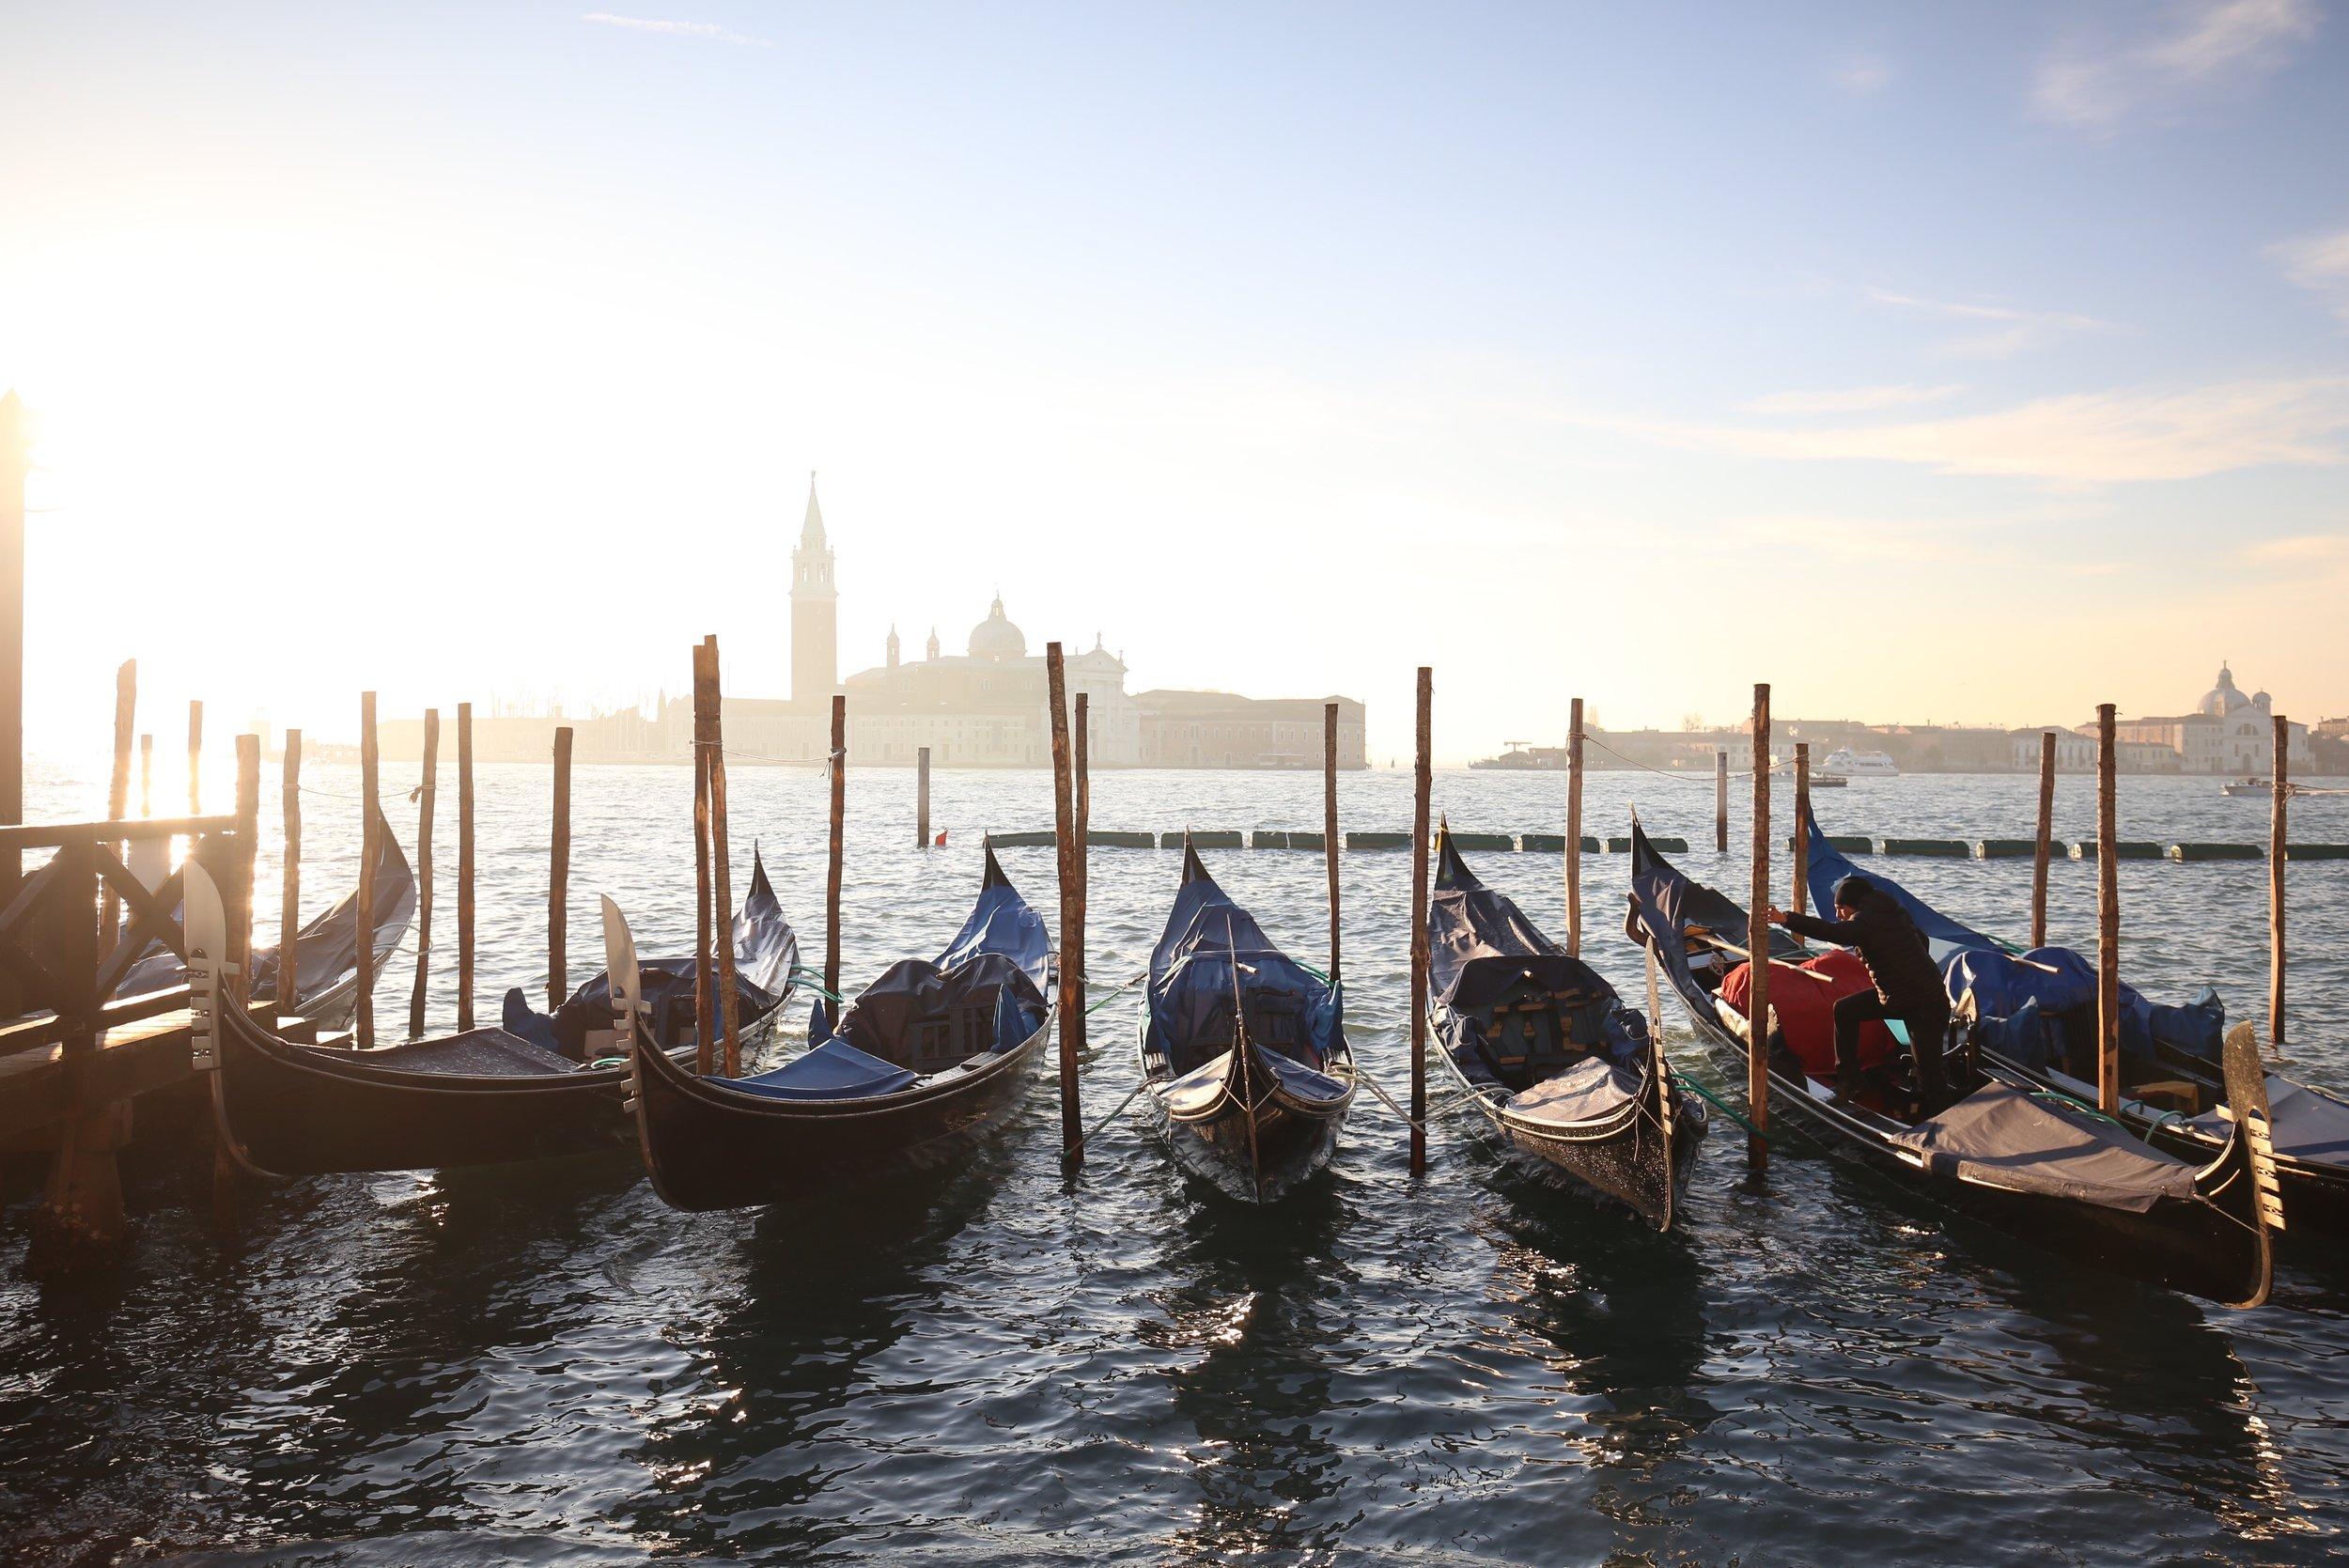 Gondolas bobbing in the water at sunrise with a view of San Giorgio Maggiore.